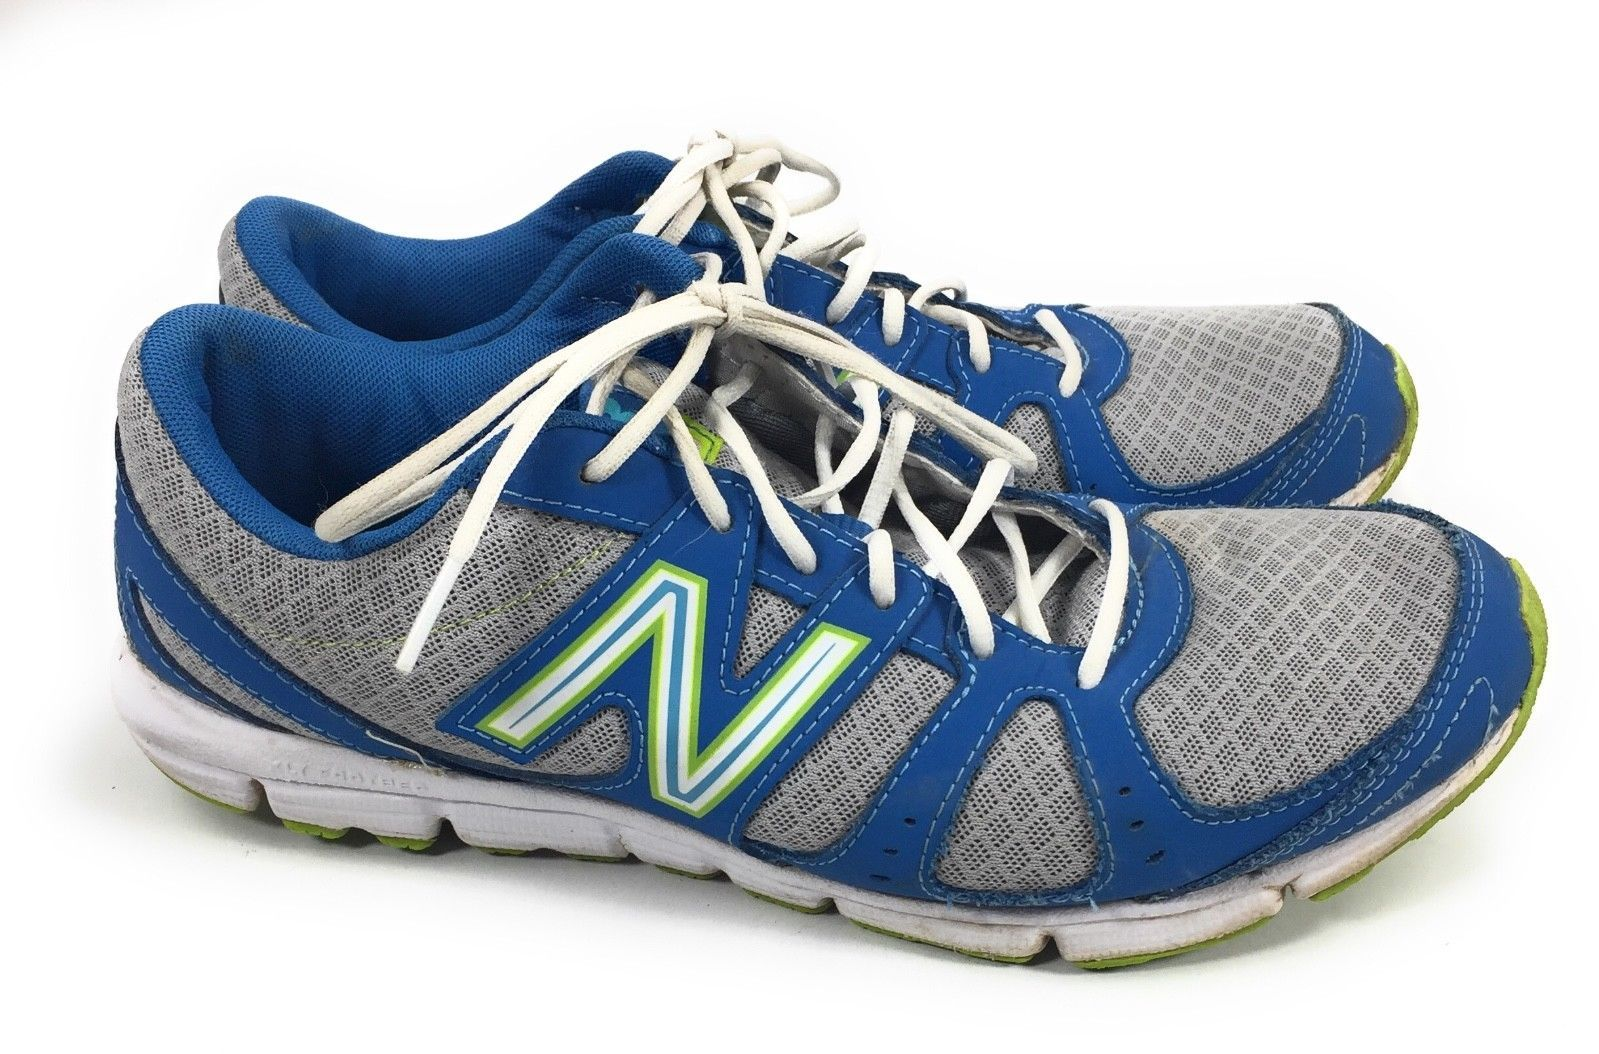 New Balance 550 v3 WE550BG3 Blue Lime Green Running Shoes Women's 9.5 B image 6